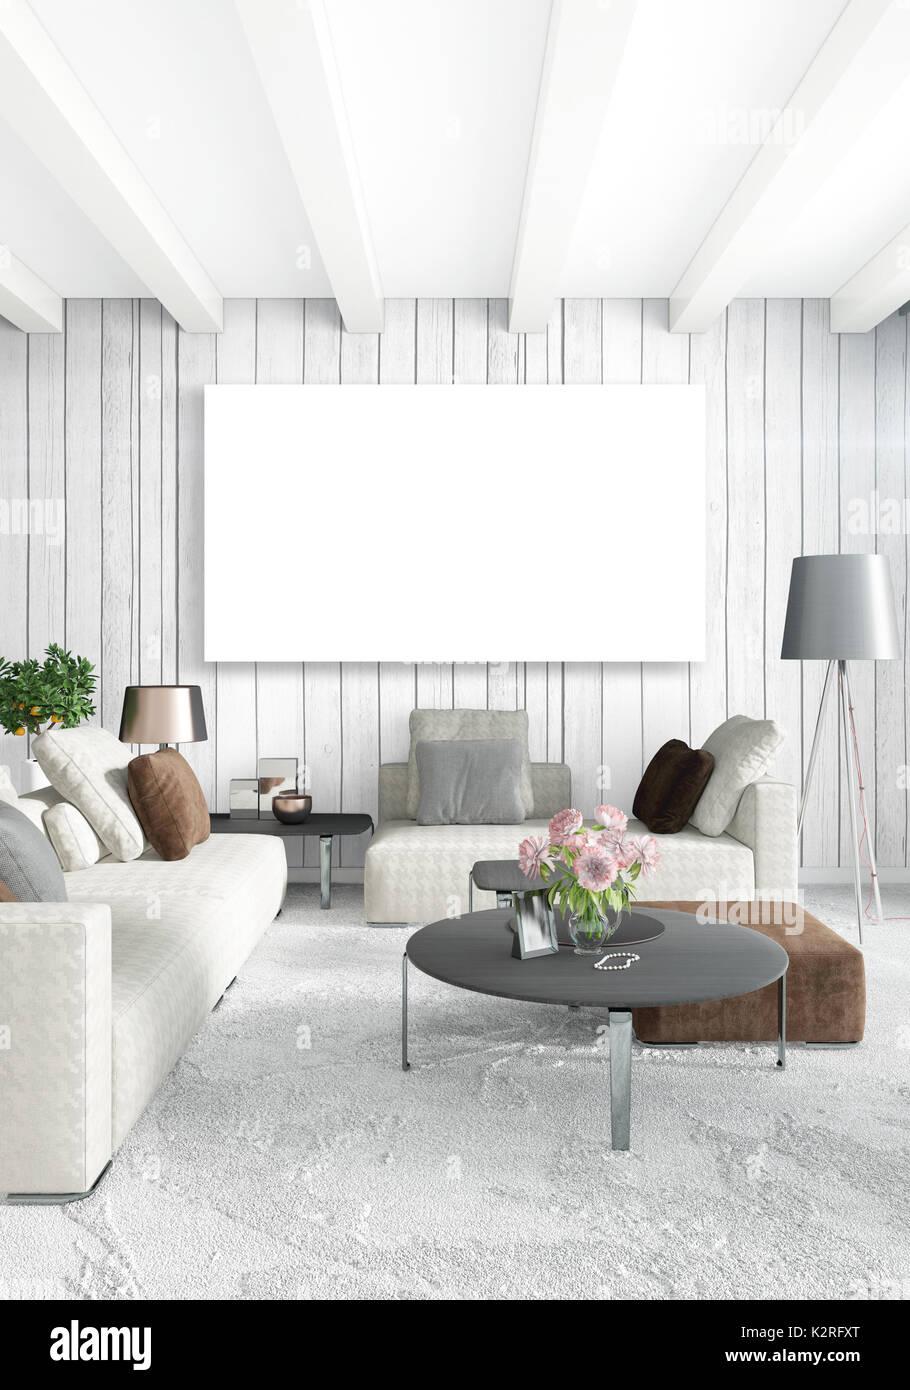 vertikale moderne innenausstattung schlafzimmer oder wohnzimmer